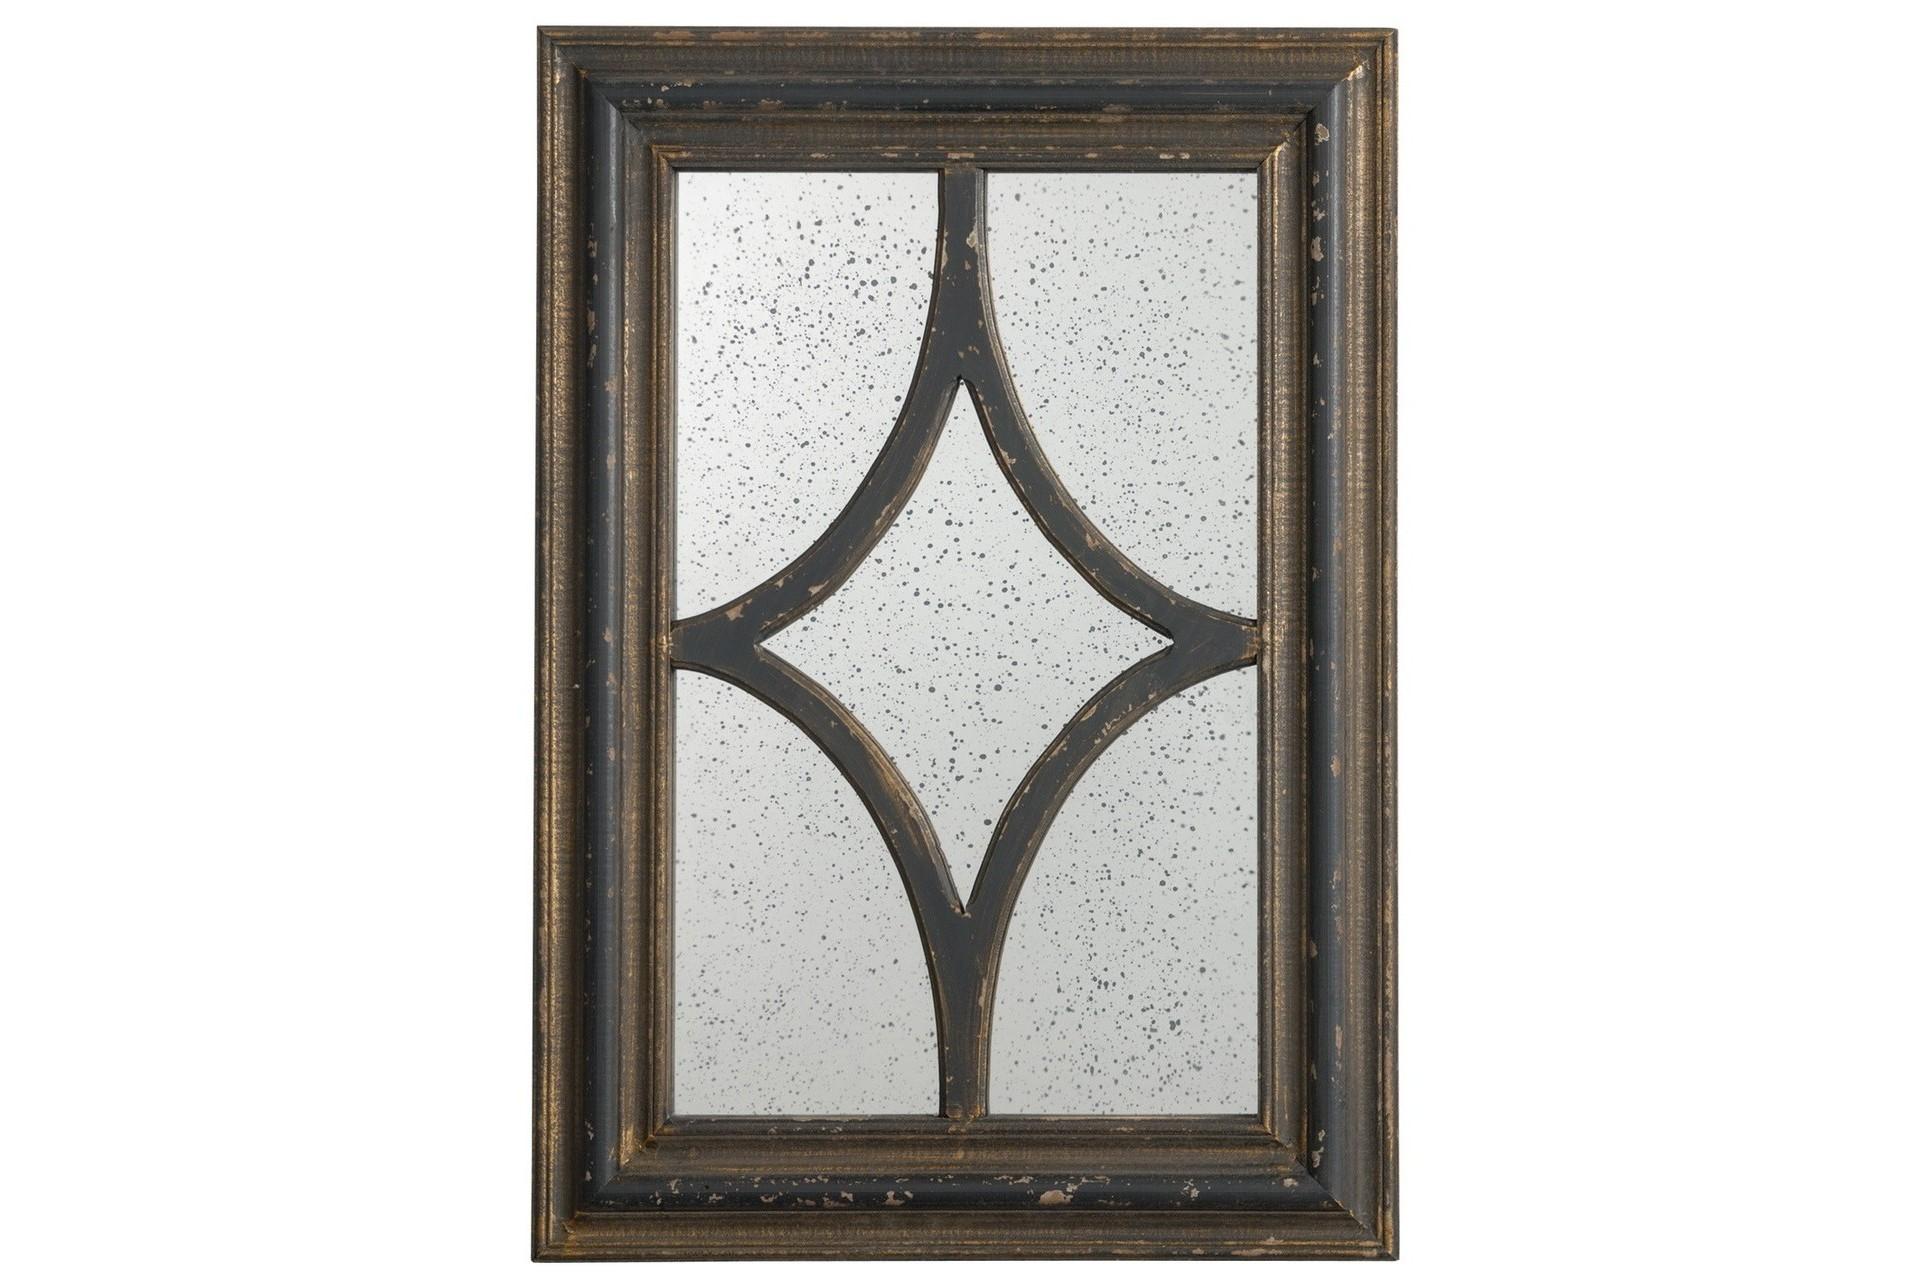 ЗеркалоНастенные зеркала<br><br><br>Material: Дерево<br>Width см: 50<br>Depth см: 2,5<br>Height см: 70